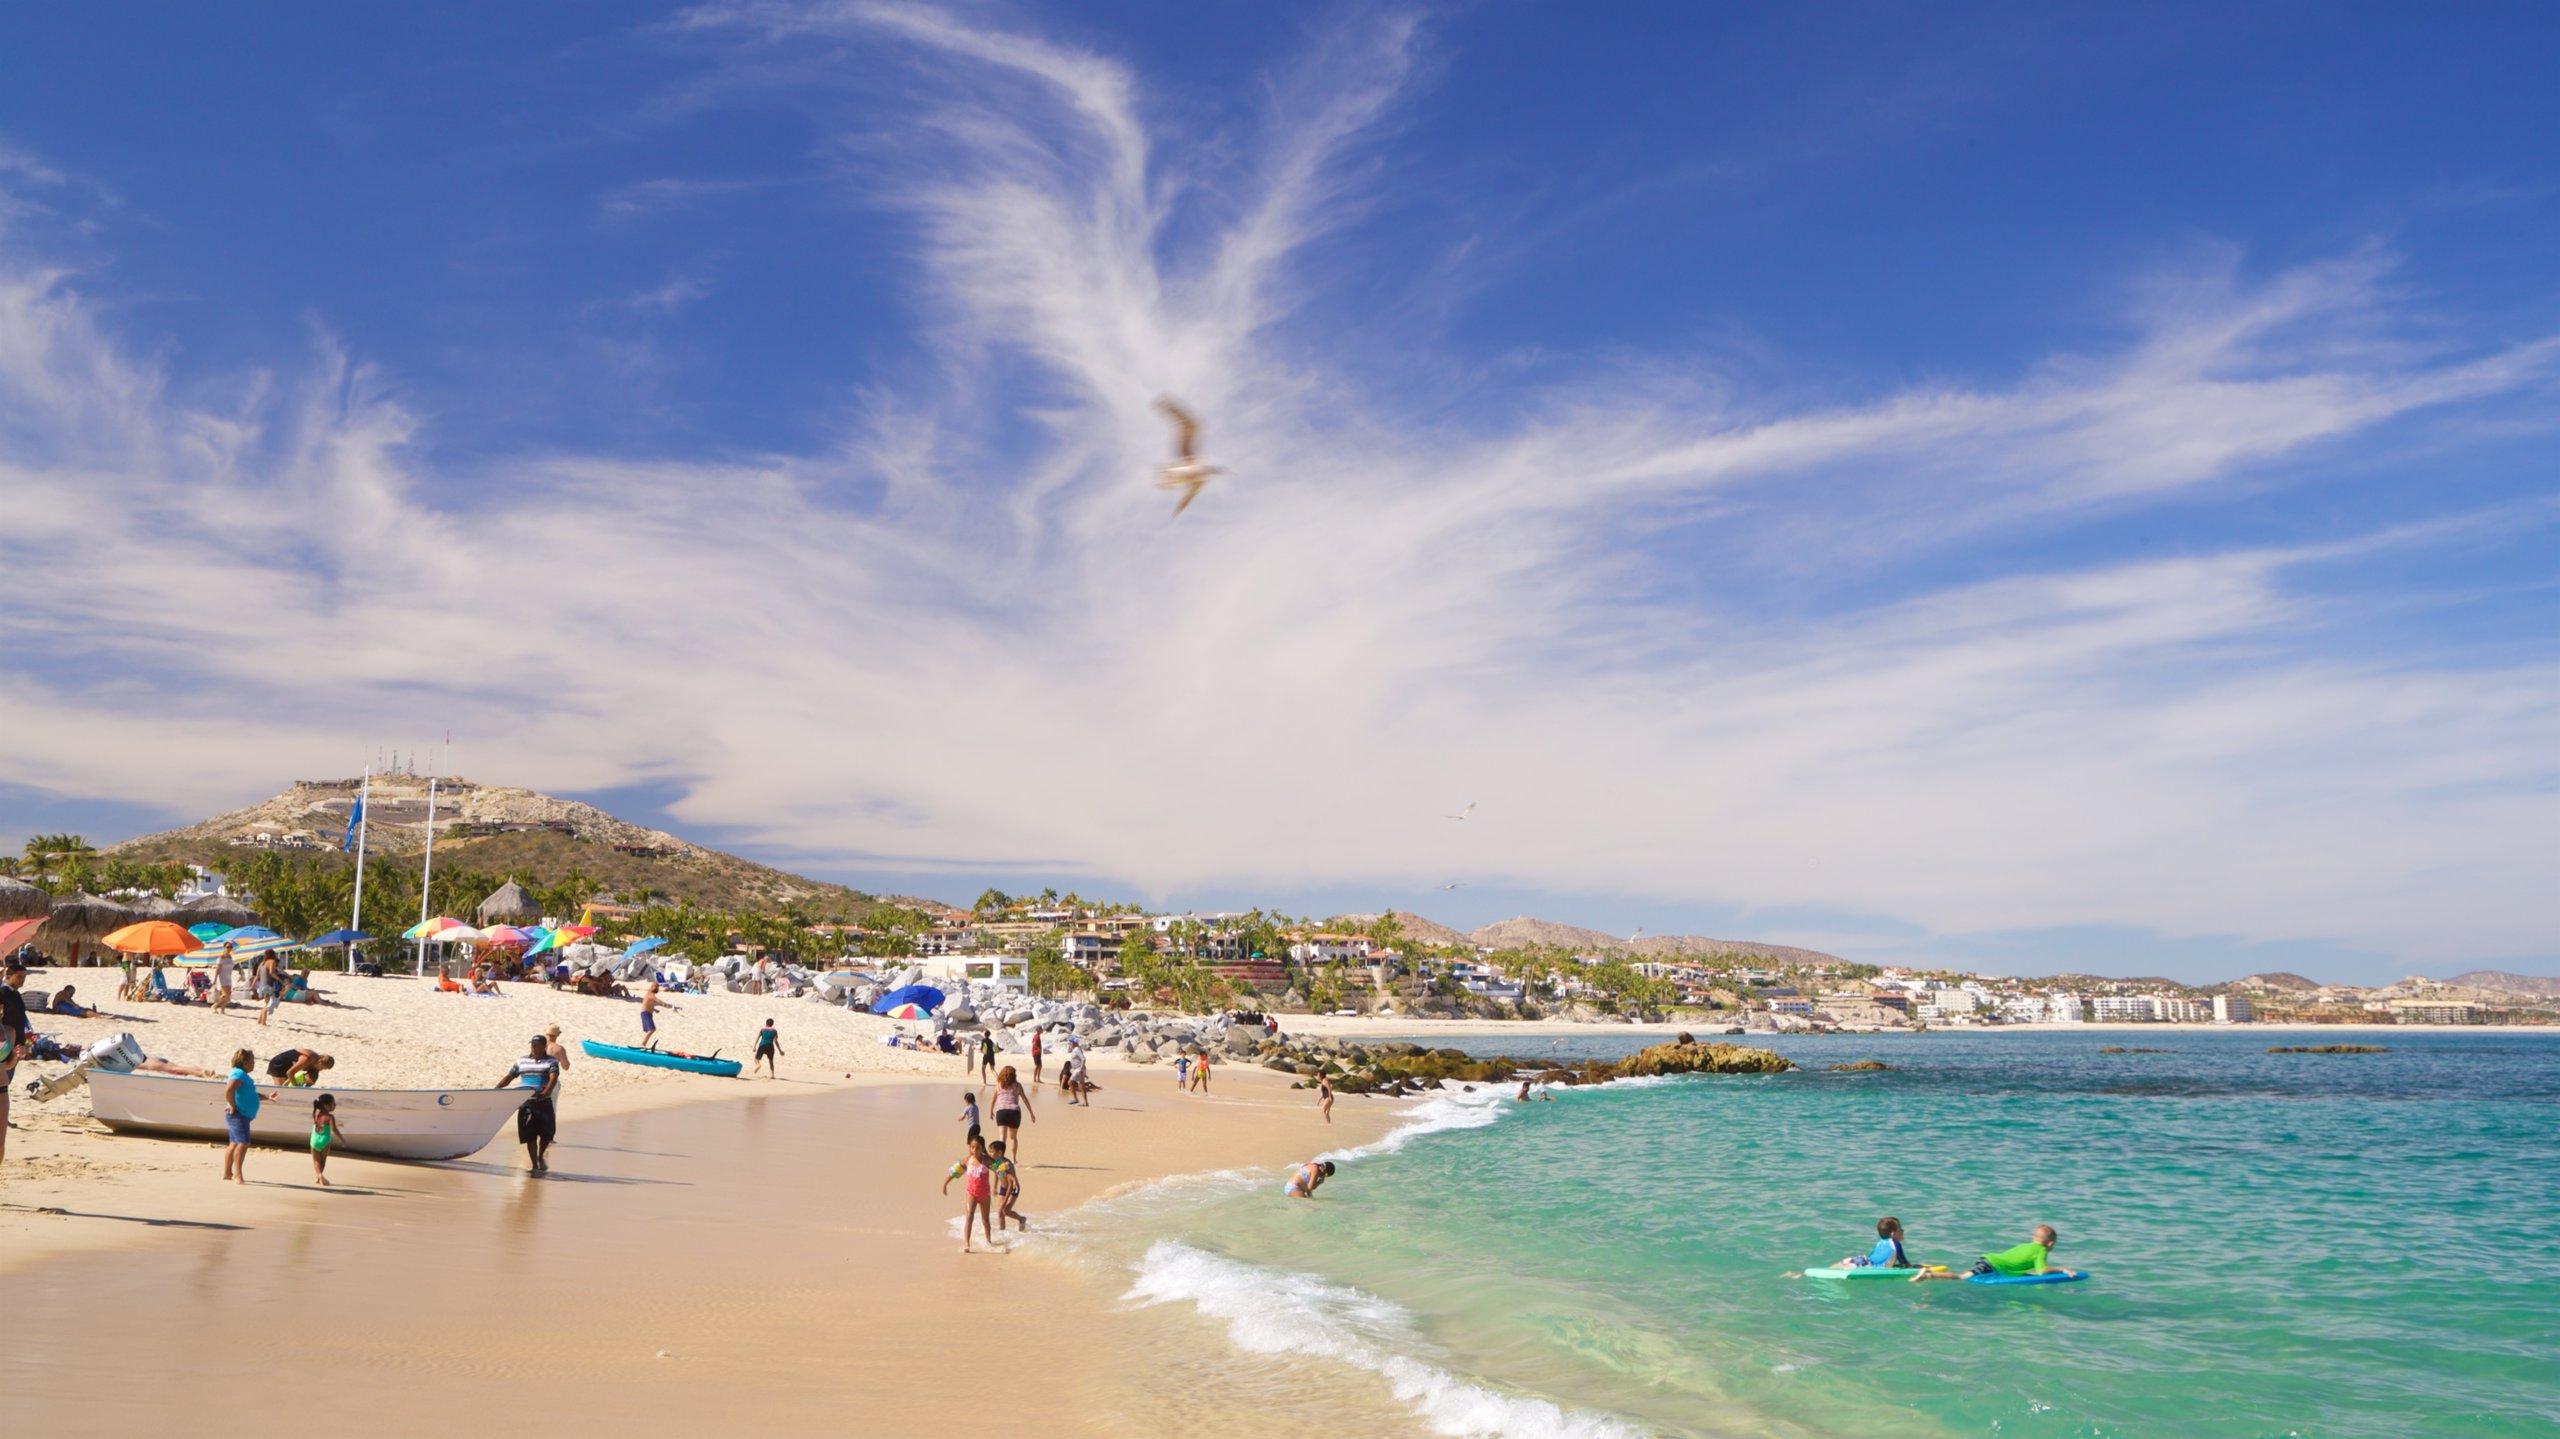 Playa Palmillla los cabos mexico